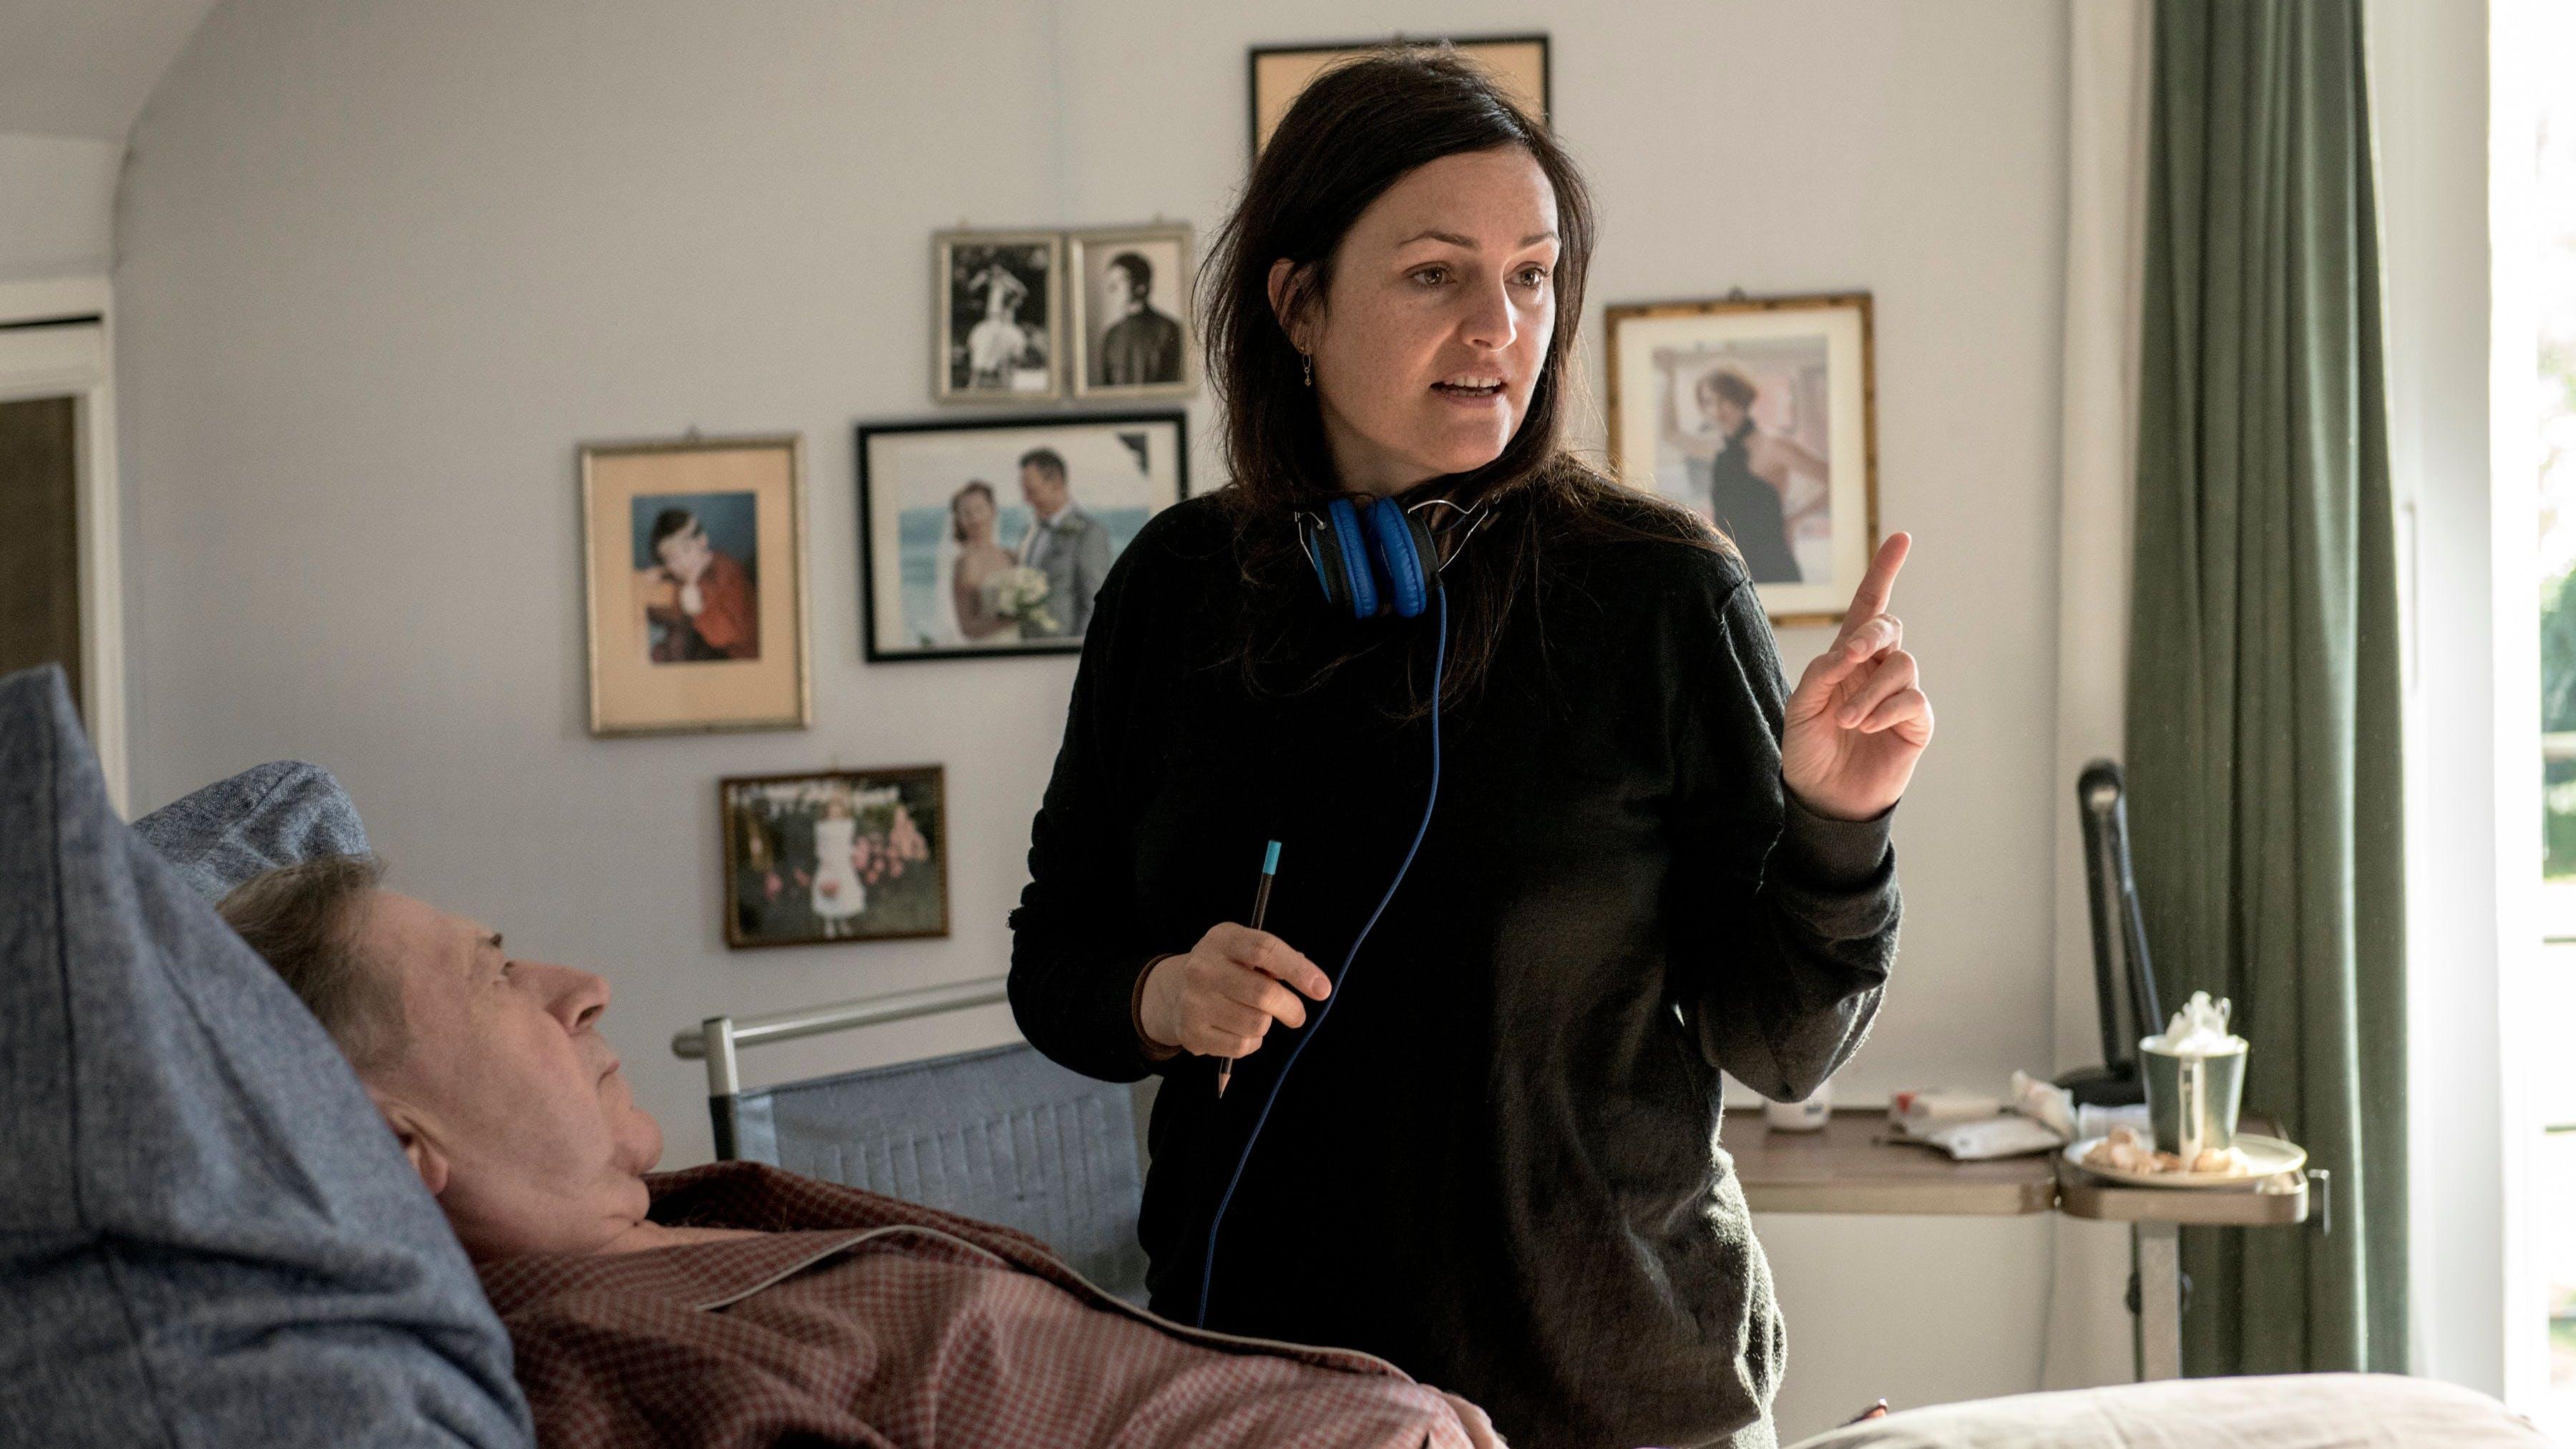 «Pathologisch betrachtet ist die Familie aber nicht total zerrüttet»: Bettina Oberli mit André Jung auf dem Filmset von «Wanda, mein Wunder».